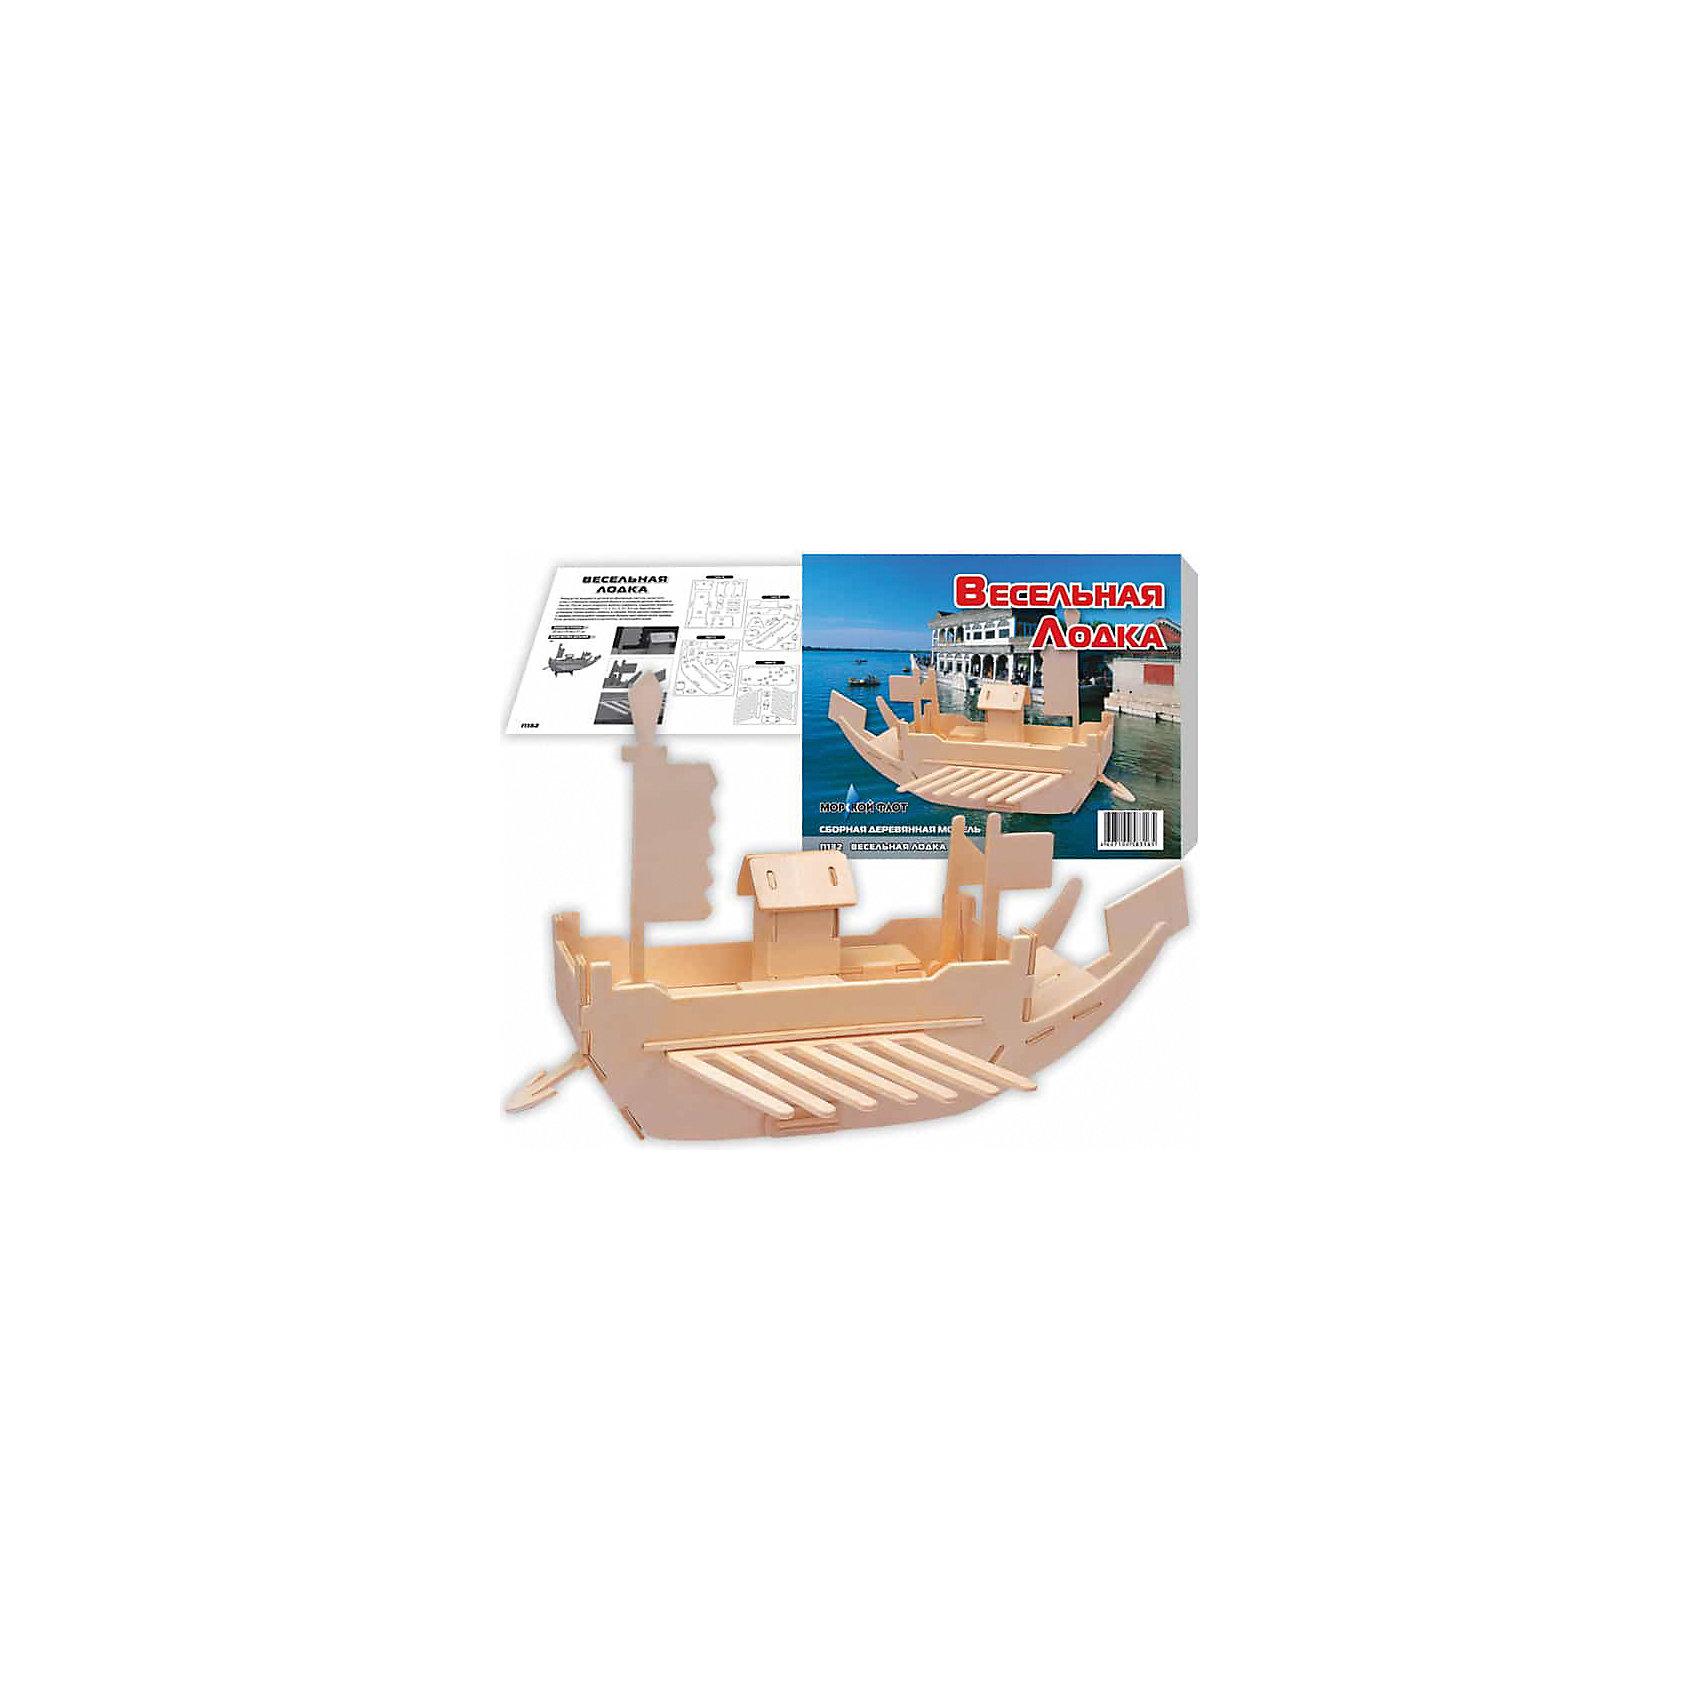 Весельная лодка, Мир деревянных игрушекДеревянные модели<br>Отличный вариант подарка для любящего технику творческого ребенка - этот набор, из которого можно самому сделать красивую деревянную фигуру! Для этого нужно выдавить из пластины с деталями элементы для сборки и соединить их. Из наборов получаются красивые очень реалистичные игрушки, которые могут стать украшением комнаты.<br>Собирая их, ребенок будет развивать пространственное мышление, память и мелкую моторику. А раскрашивая готовое произведение, дети научатся подбирать цвета и будут развивать художественные навыки. Этот набор произведен из качественных и безопасных для детей материалов - дерево тщательно обработано.<br><br>Дополнительная информация:<br><br>материал: дерево;<br>цвет: бежевый;<br>элементы: пластины с деталями для сборки, схема сборки;<br>размер упаковки: 23 х 18 см.<br><br>3D-пазл Весельная лодка от бренда Мир деревянных игрушек можно купить в нашем магазине.<br><br>Ширина мм: 225<br>Глубина мм: 30<br>Высота мм: 180<br>Вес г: 450<br>Возраст от месяцев: 36<br>Возраст до месяцев: 144<br>Пол: Унисекс<br>Возраст: Детский<br>SKU: 4969215